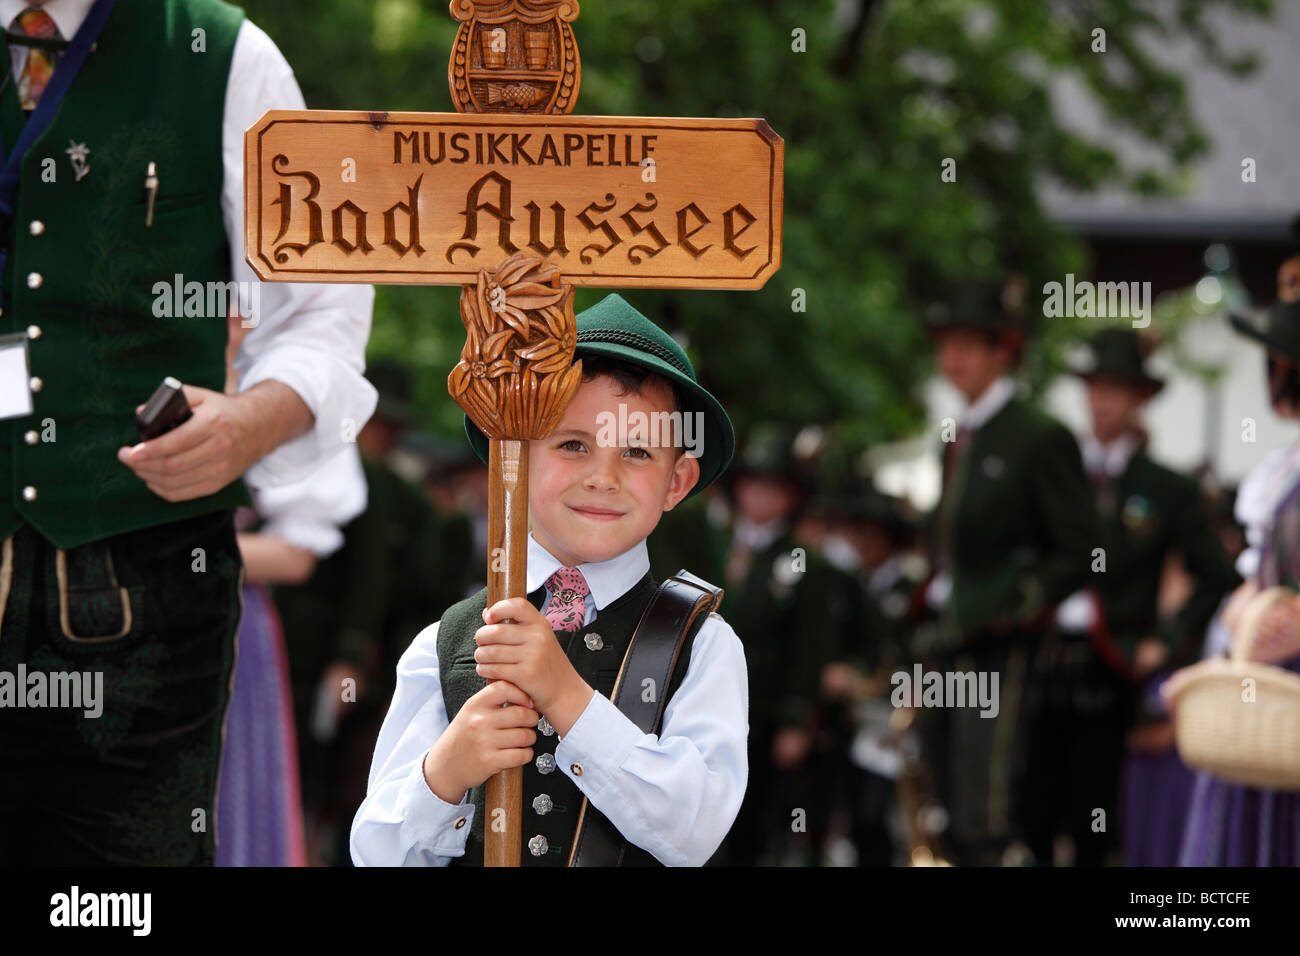 """Junge in traditioneller Tracht mit hölzernen Schild """"Musikkapelle Bad Aussee"""" """"Band Bad Aussee"""" Stockbild"""